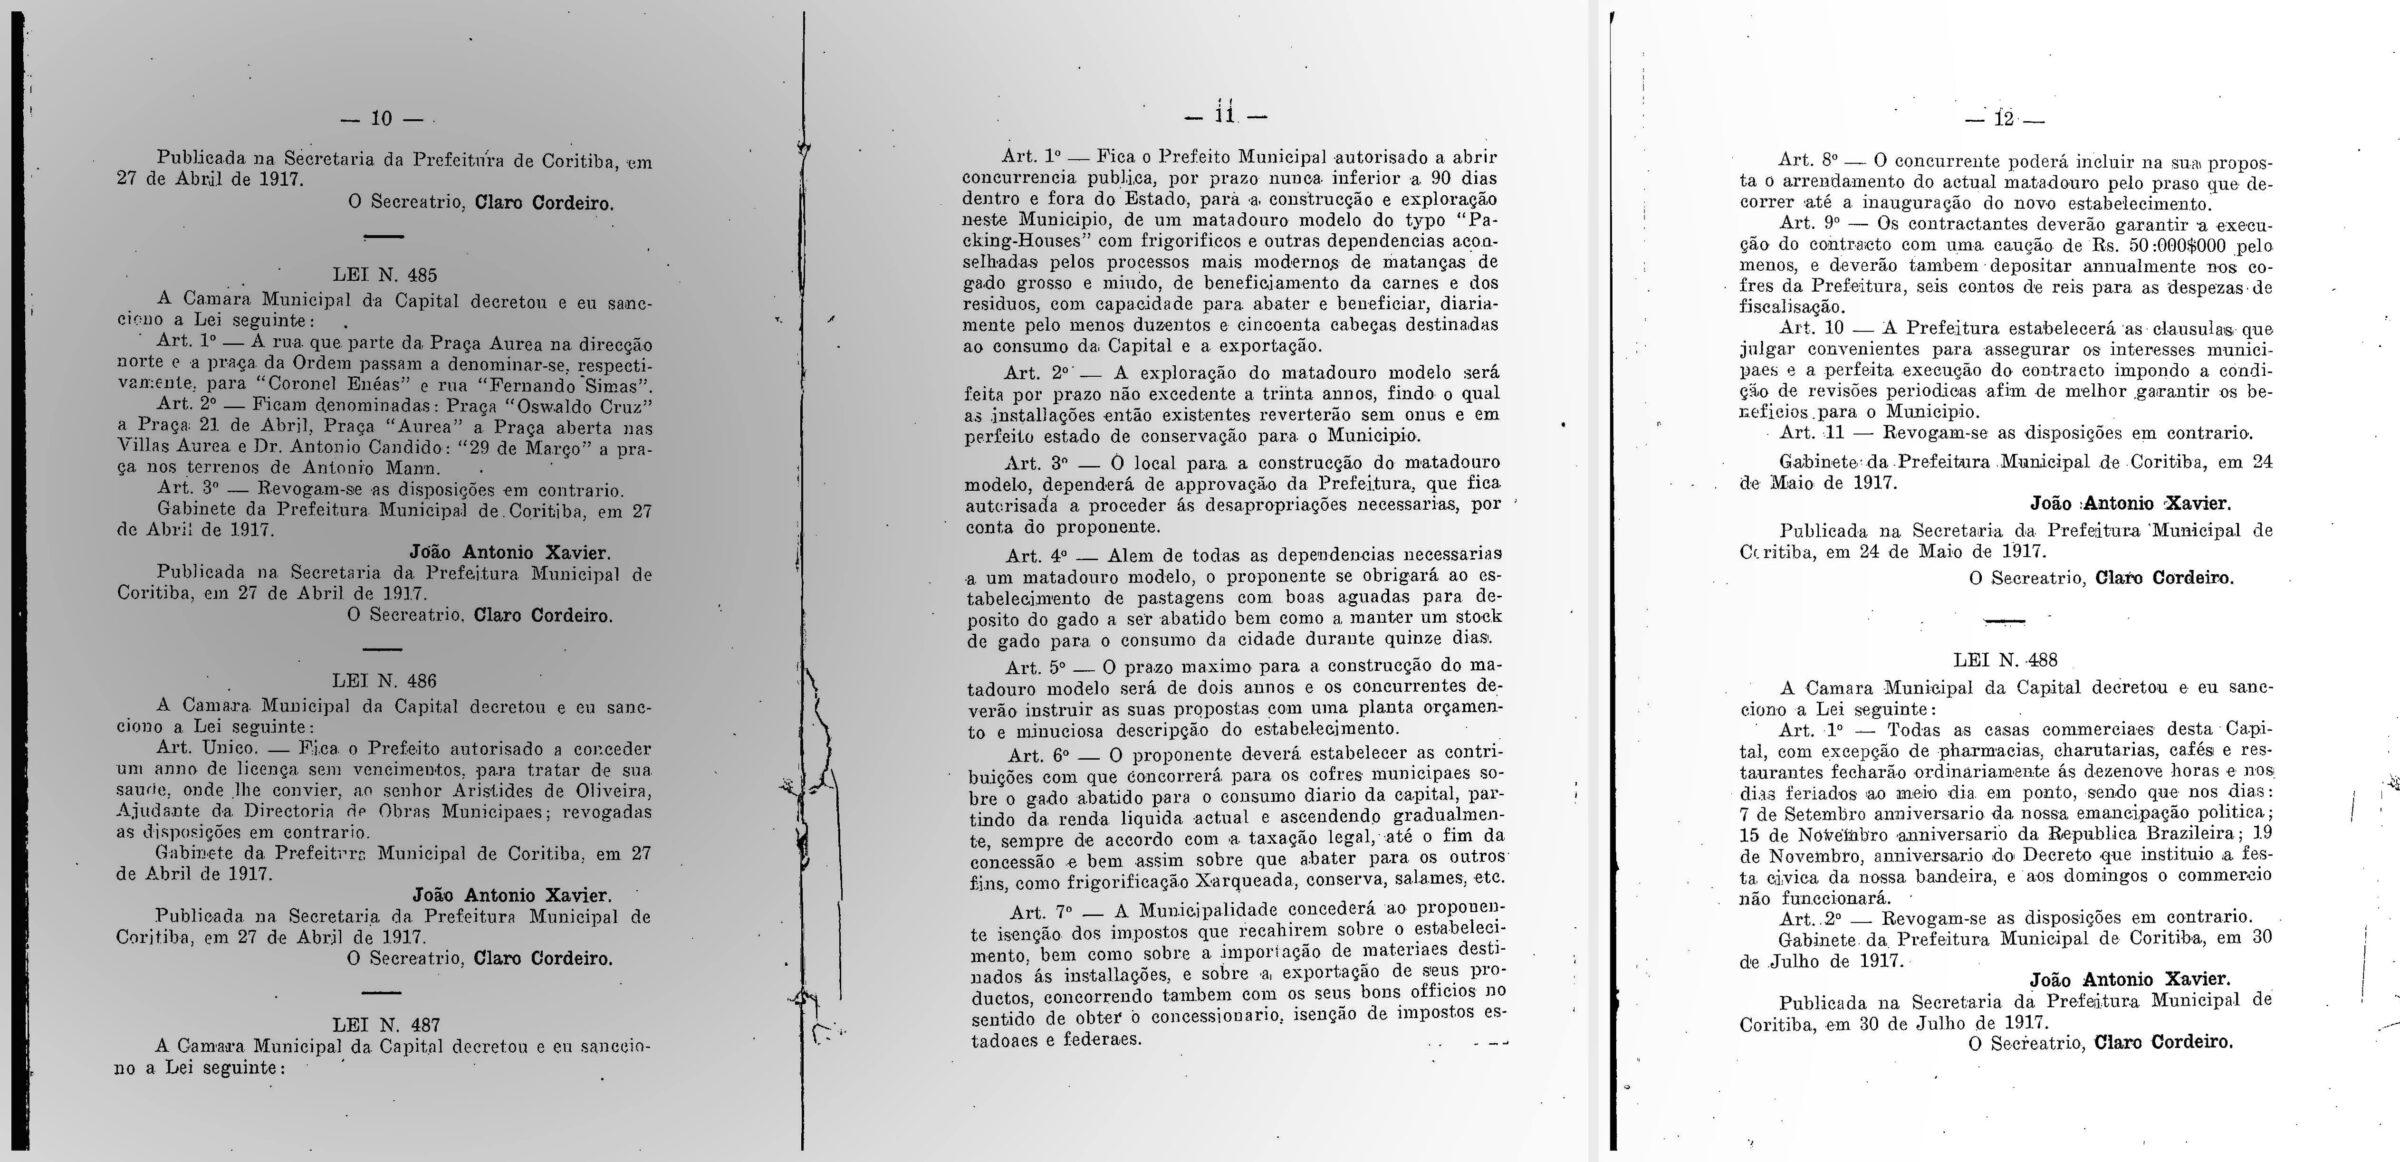 Figura 1: Lei Municipal n° 487, de 24 de maio de 1917. Fonte: CURITYBA. 1917. Annaes da Camara Municipal de Curityba. Sessões de 18 de setembro de 1916 á 1° de Agosto de 1917. Curityba: Typ. d'A Republica, 1917. (p; 10-12)